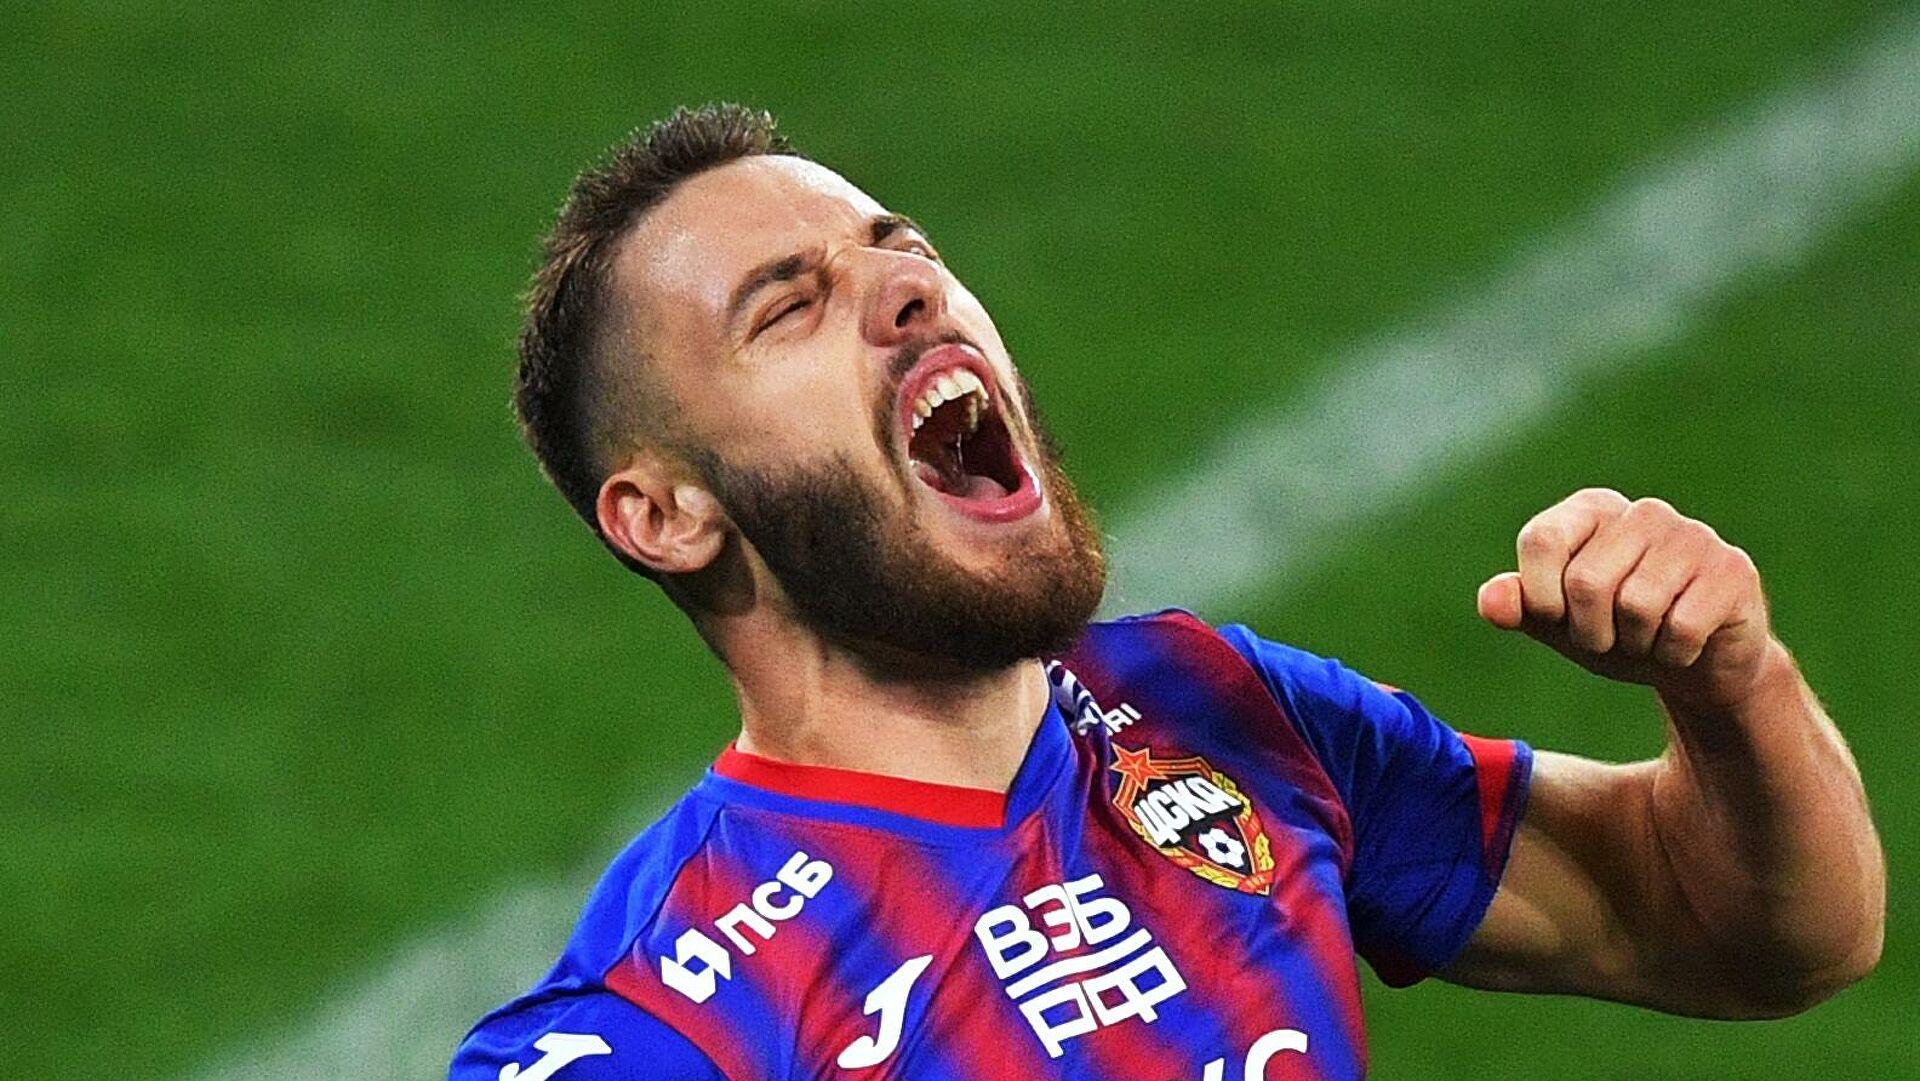 Никола Влашич может перейти в один из итальянских футбольных клубов